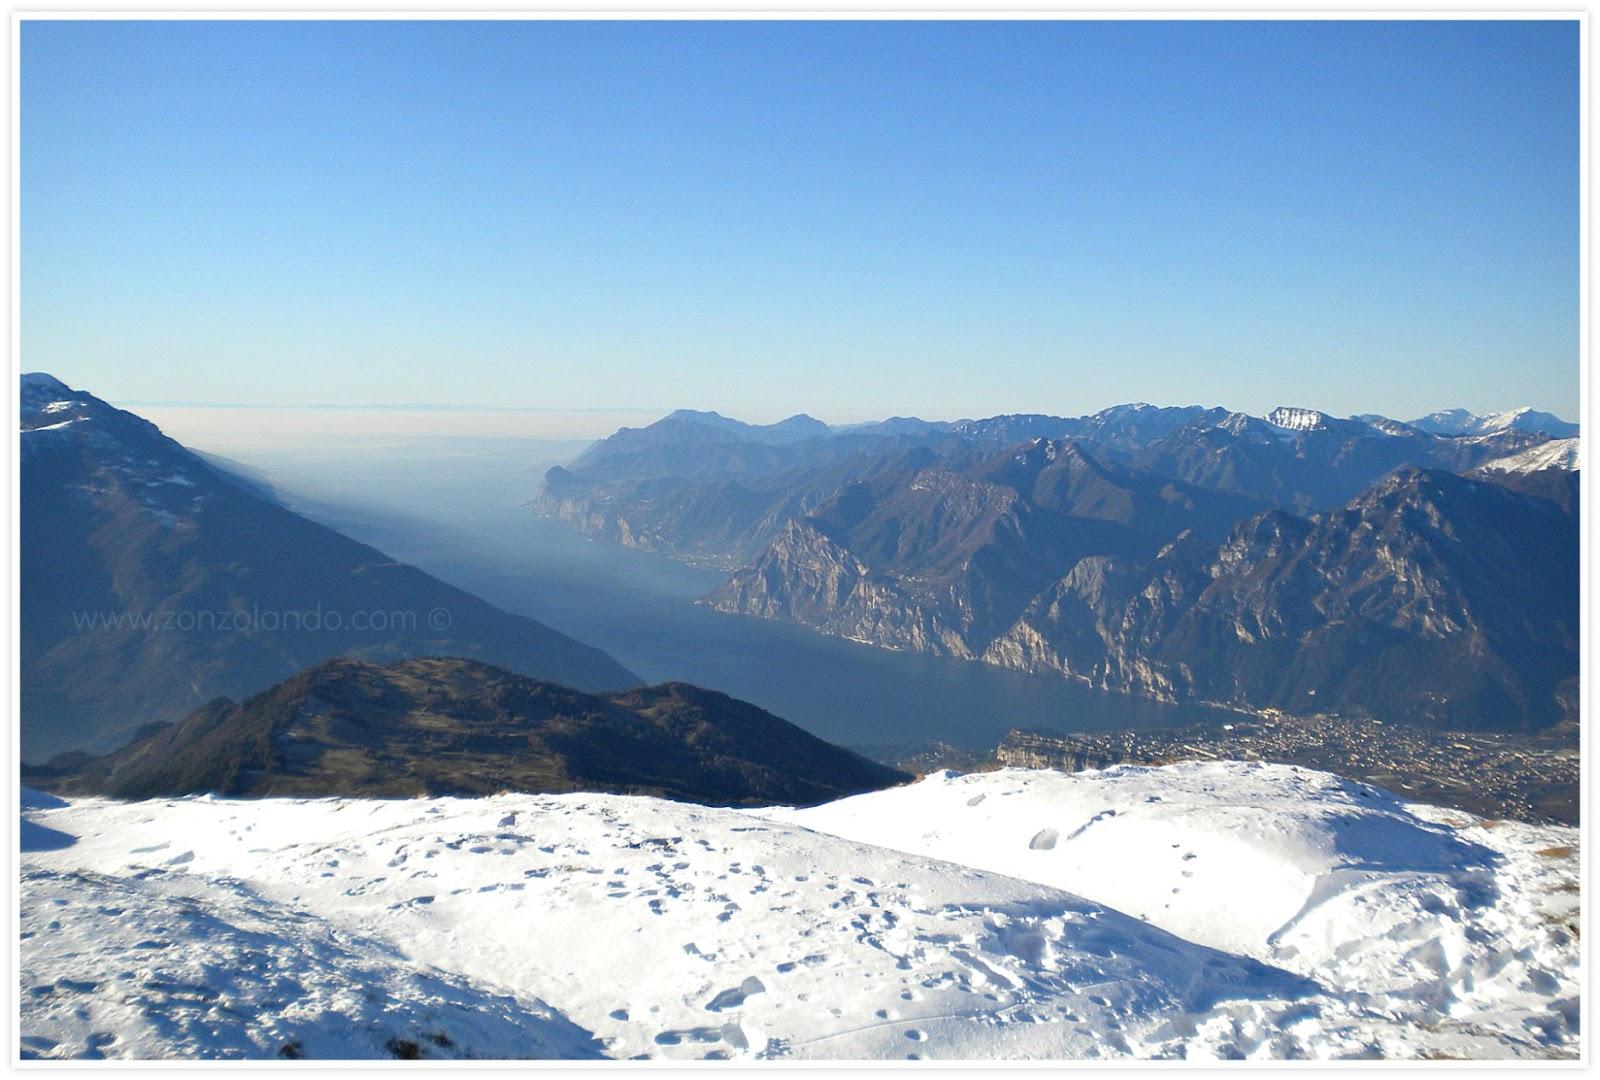 Monte Stivo Lago di Garda come arrivare panorama mozzafiato